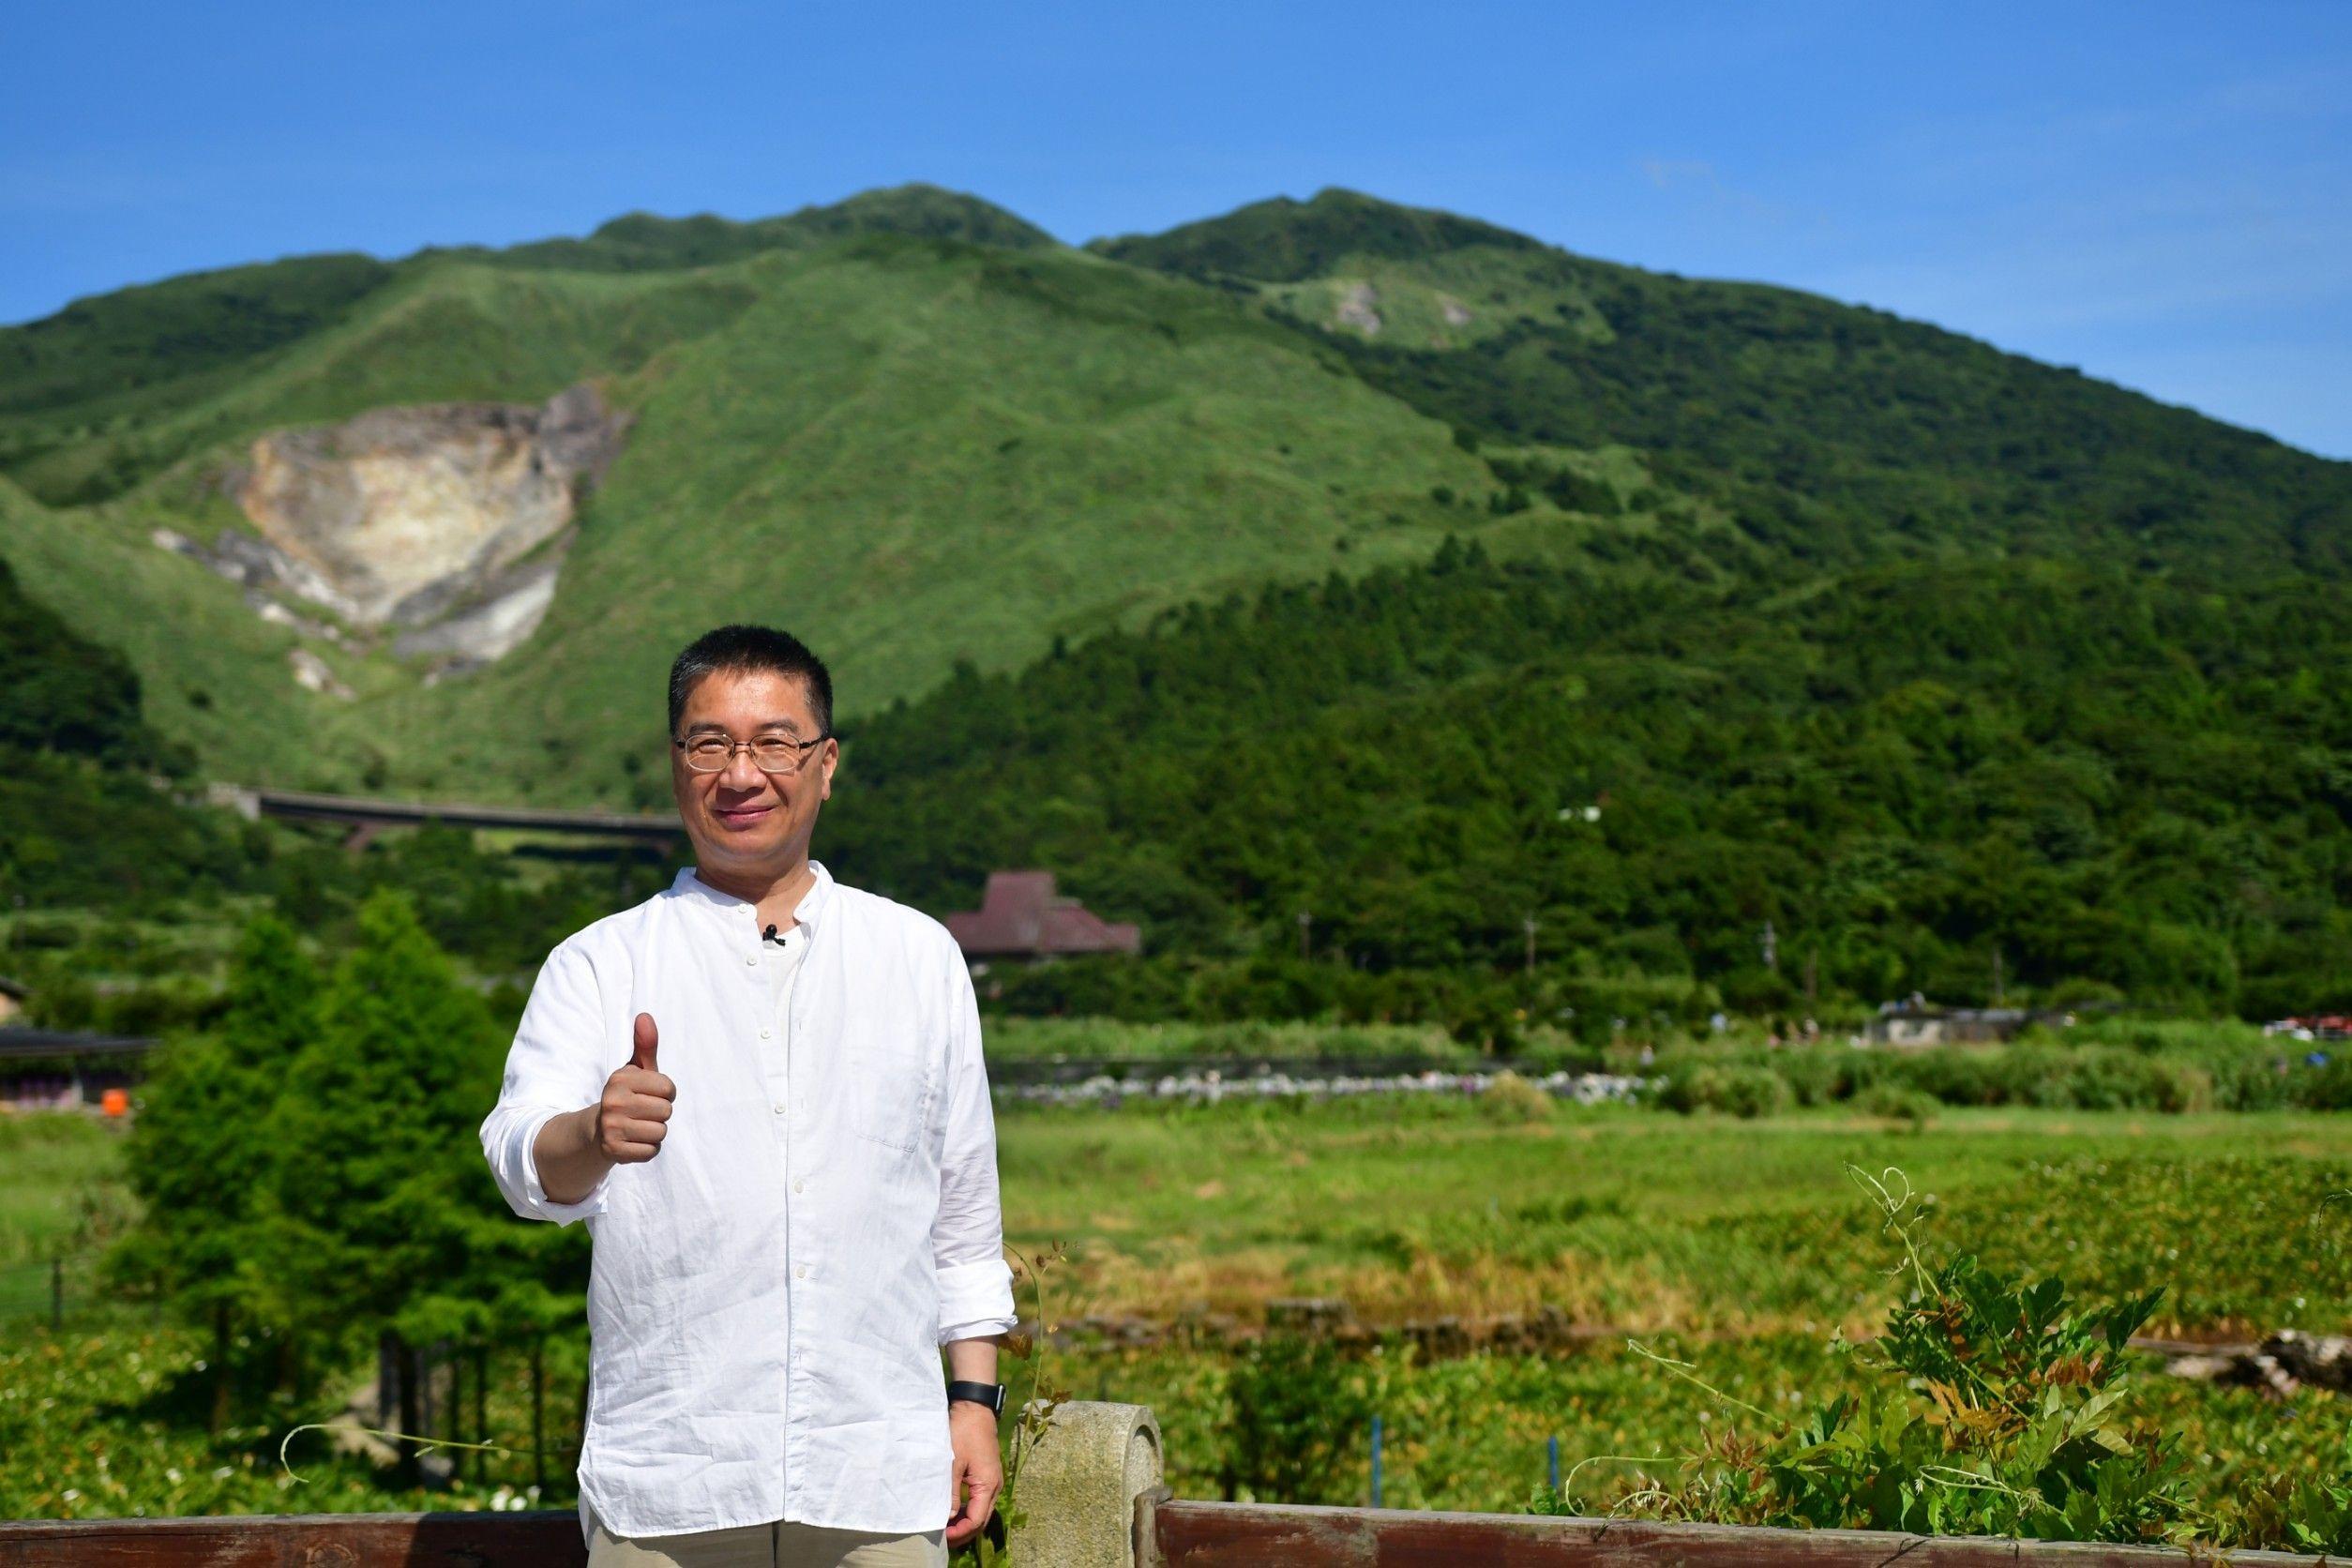 內政部長徐國勇今(17)日邀媒體朋友走訪陽明山國家公園